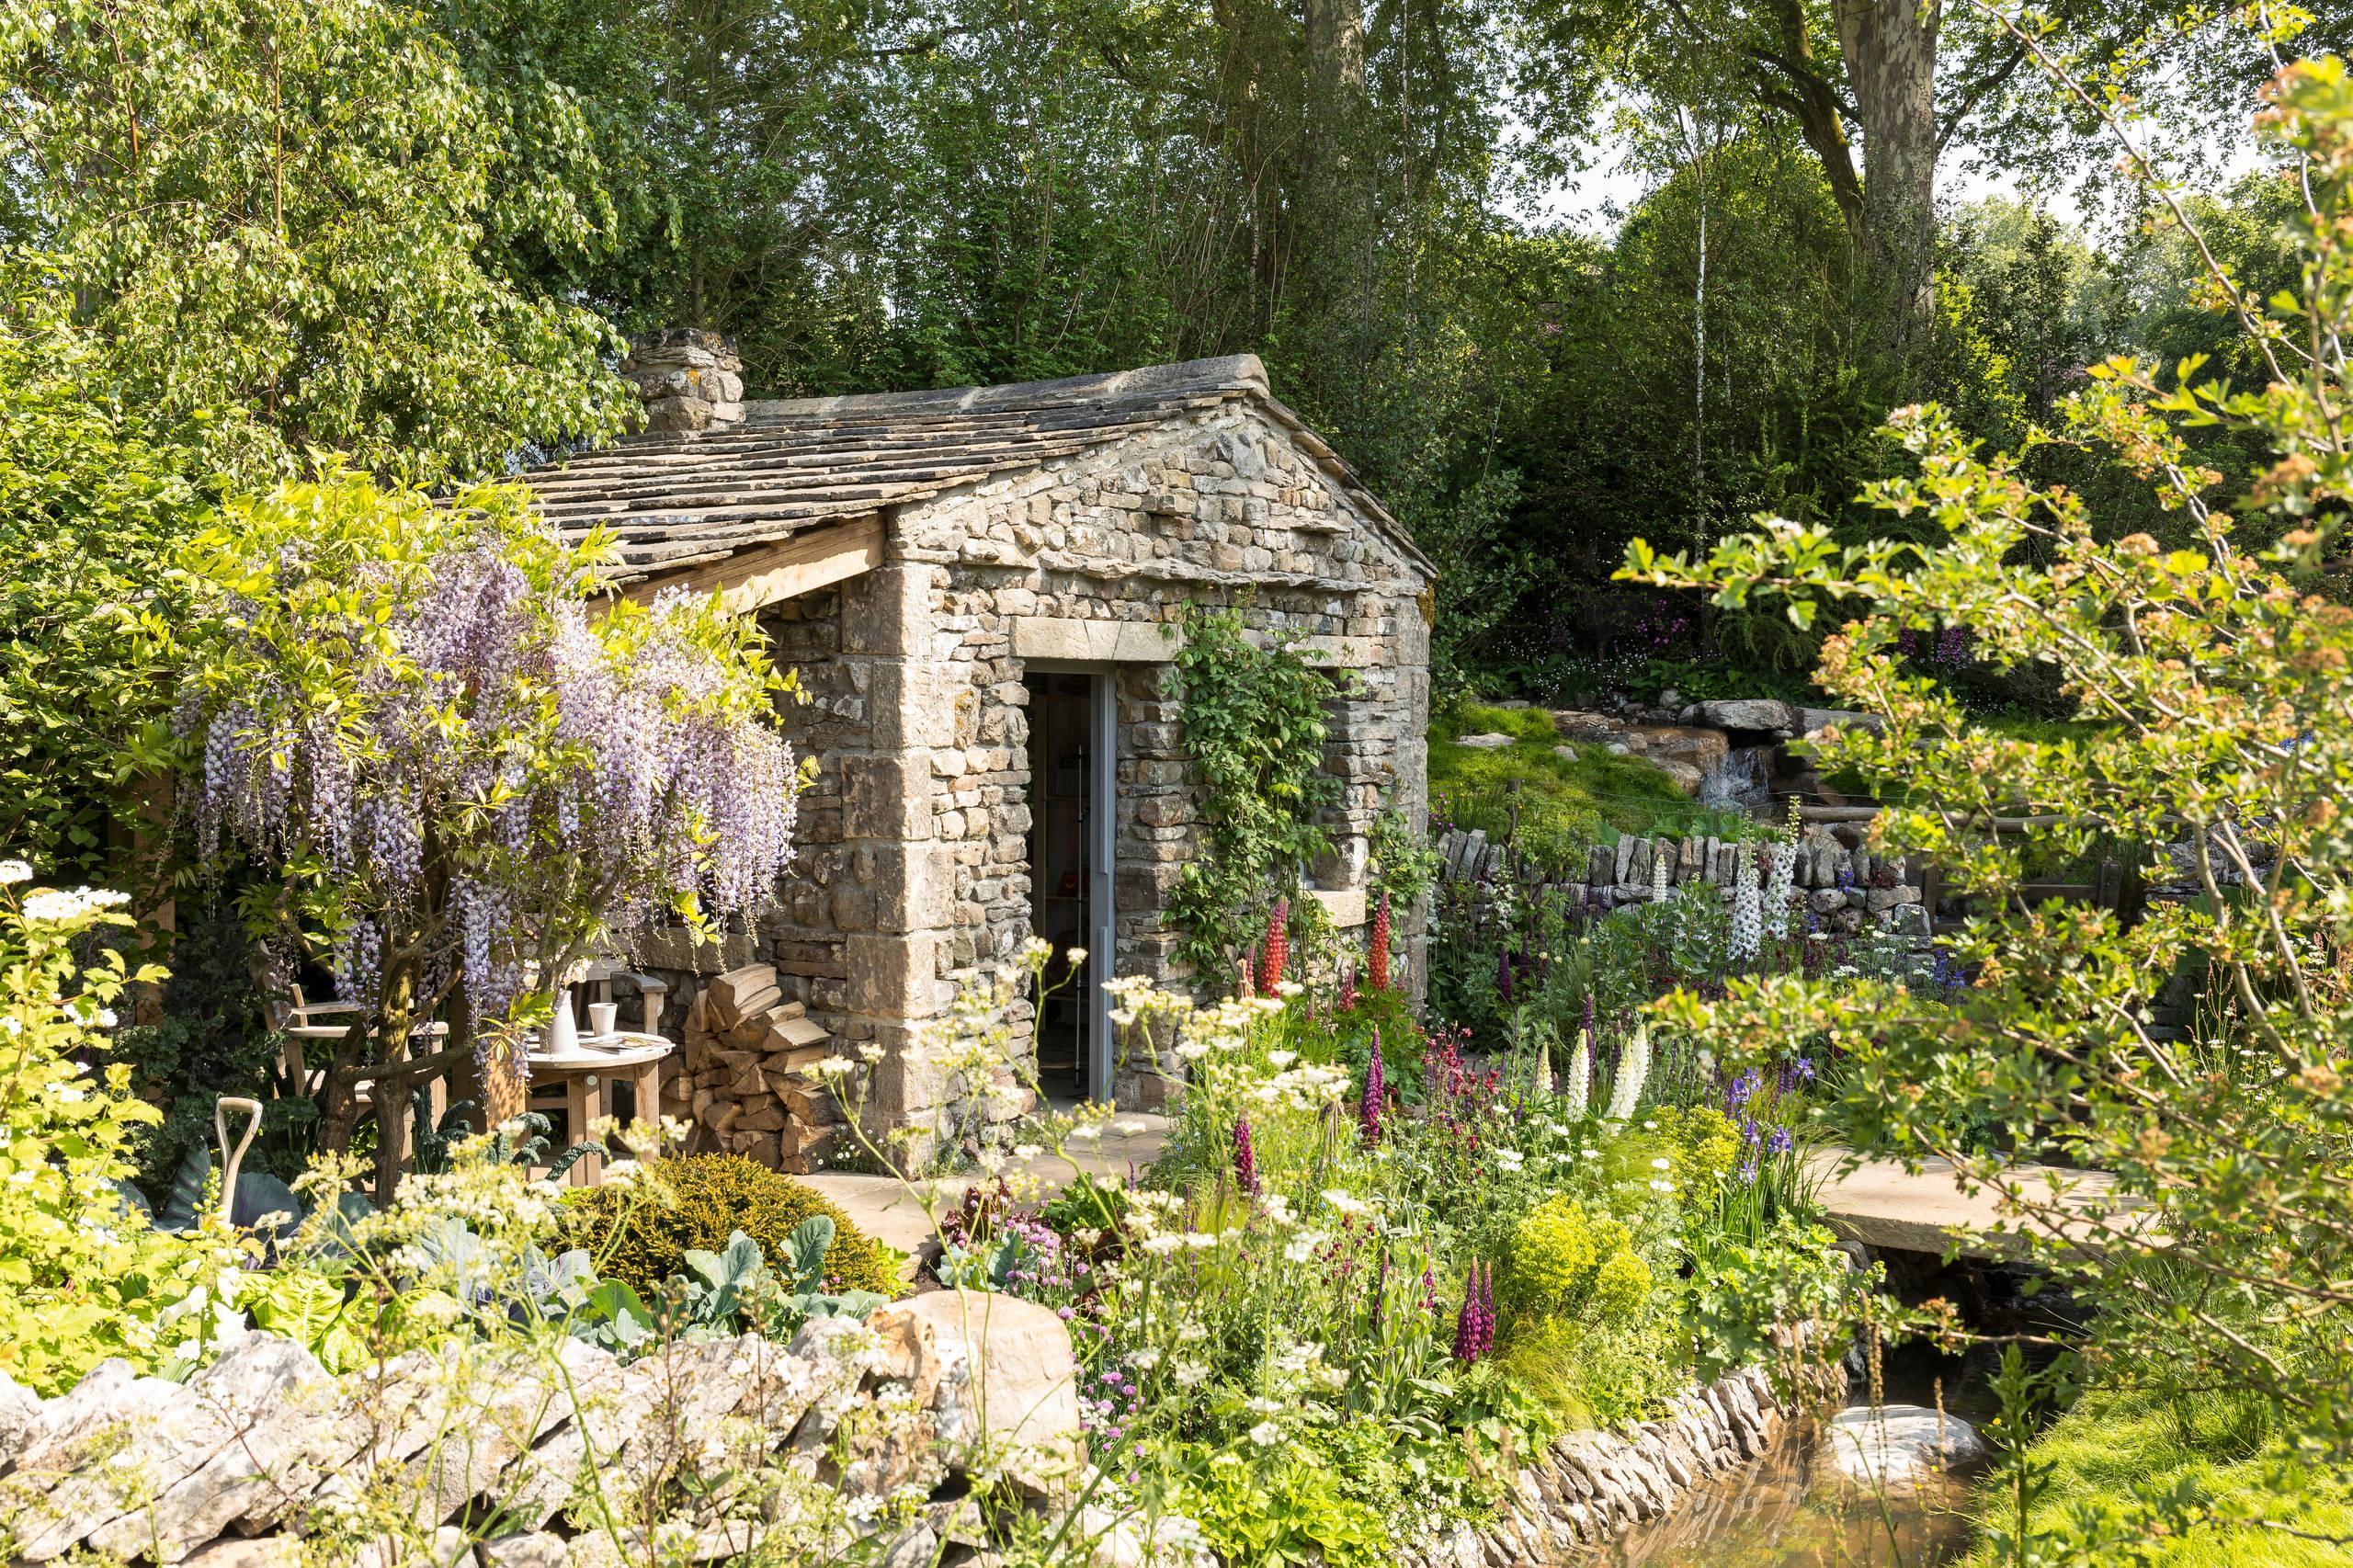 Chelsea Flower Show 20 Die 20 wichtigsten Gartentrends